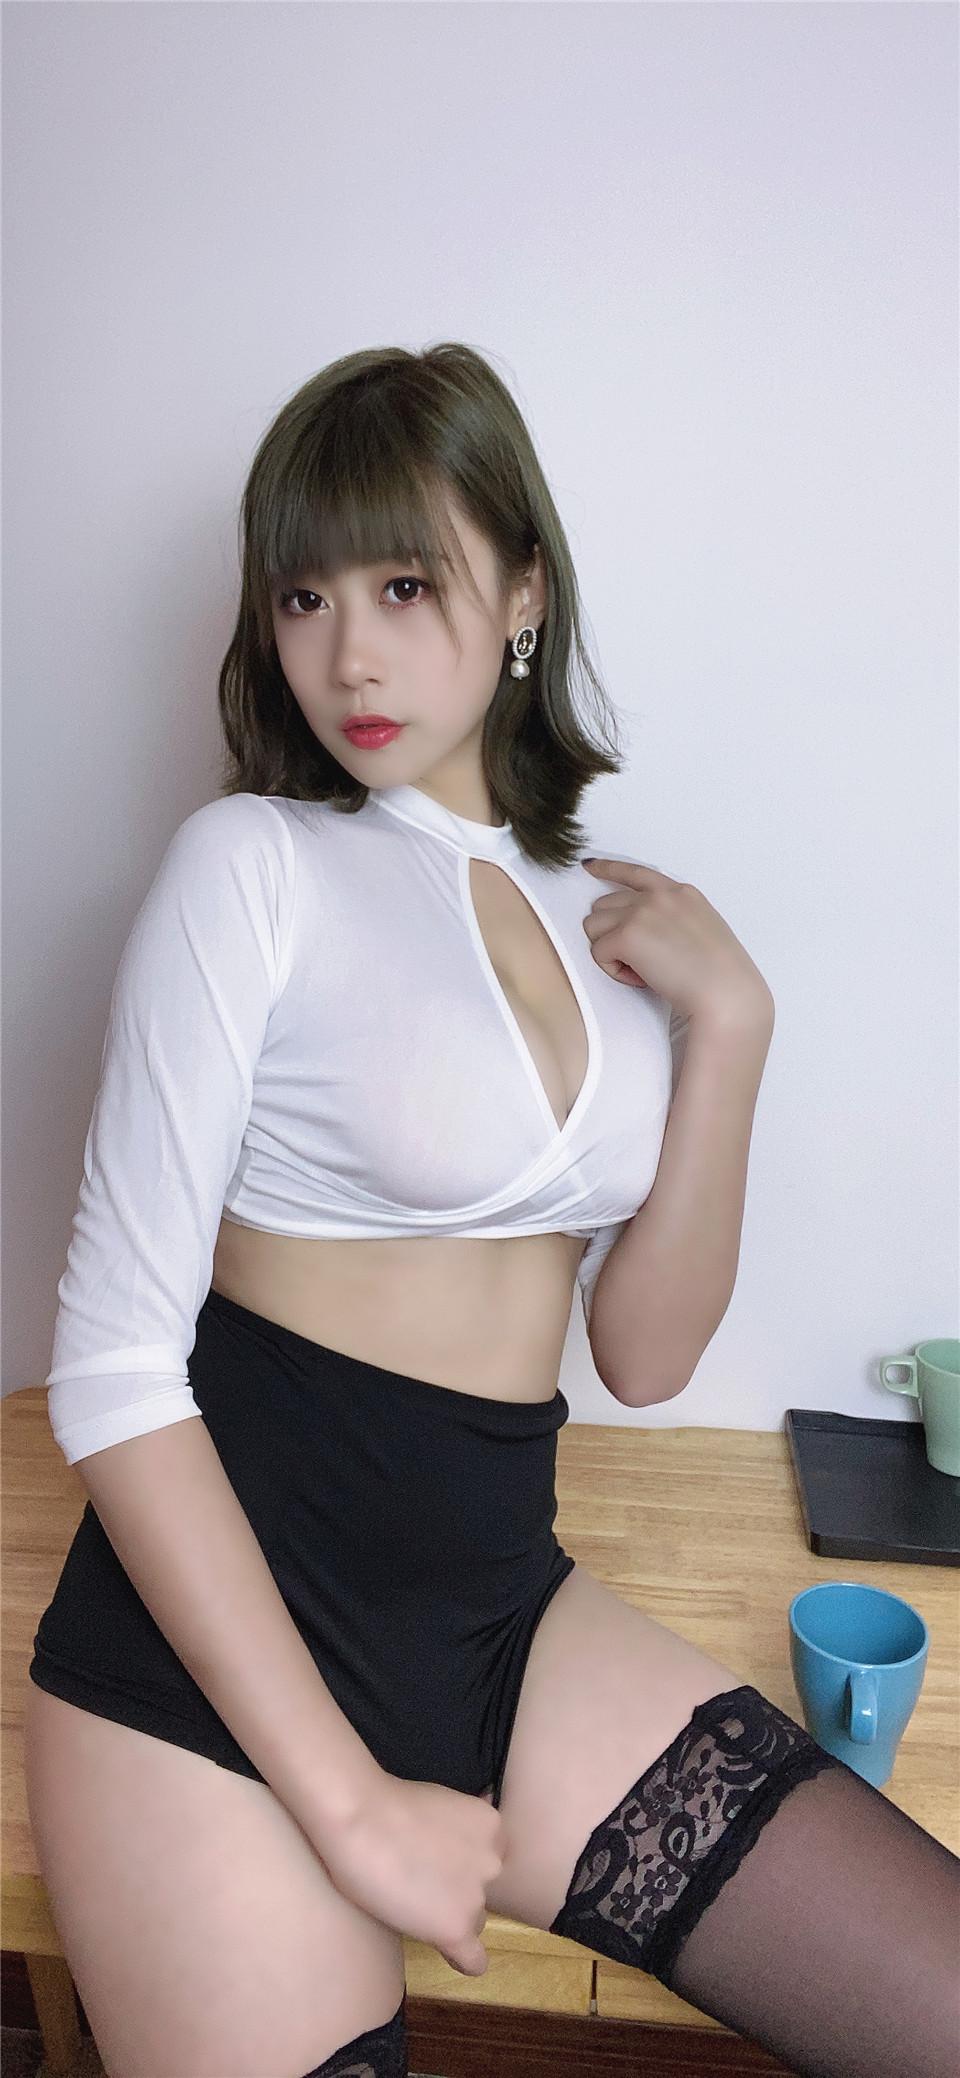 www.mly6.com